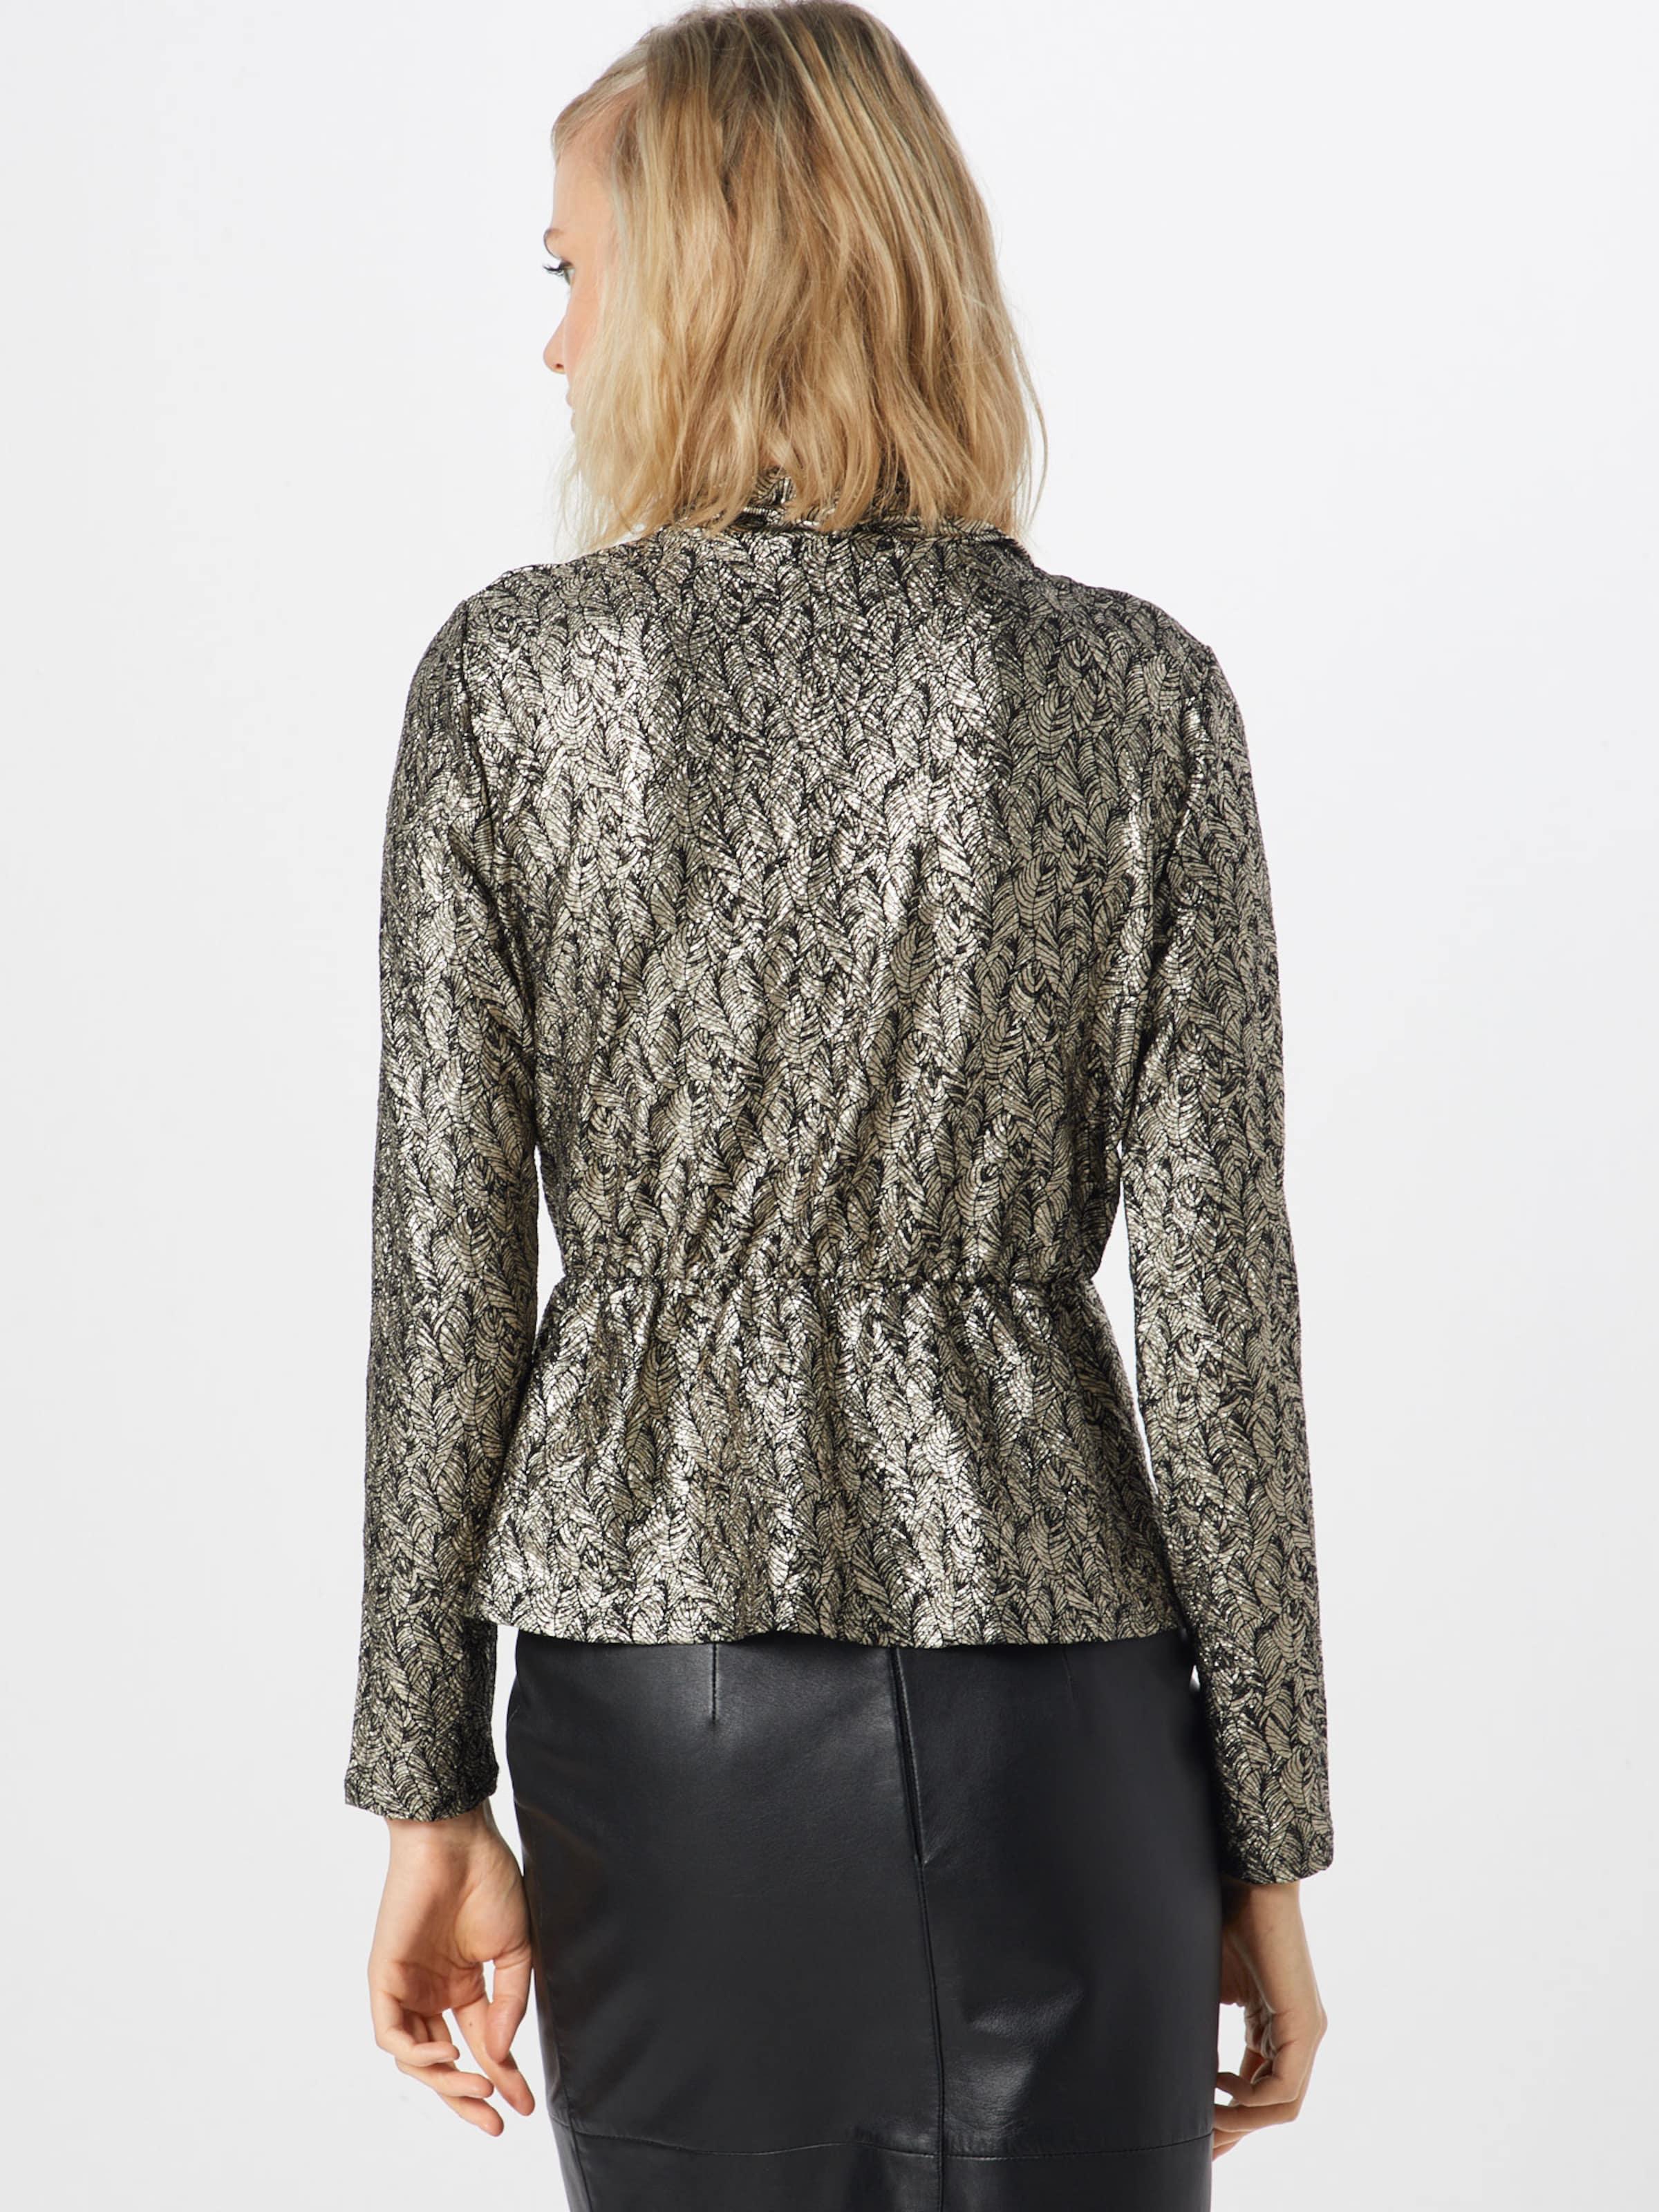 Soaked shirt 'aliyah Top Or Ls' En Luxury In T qpzjVMGSLU